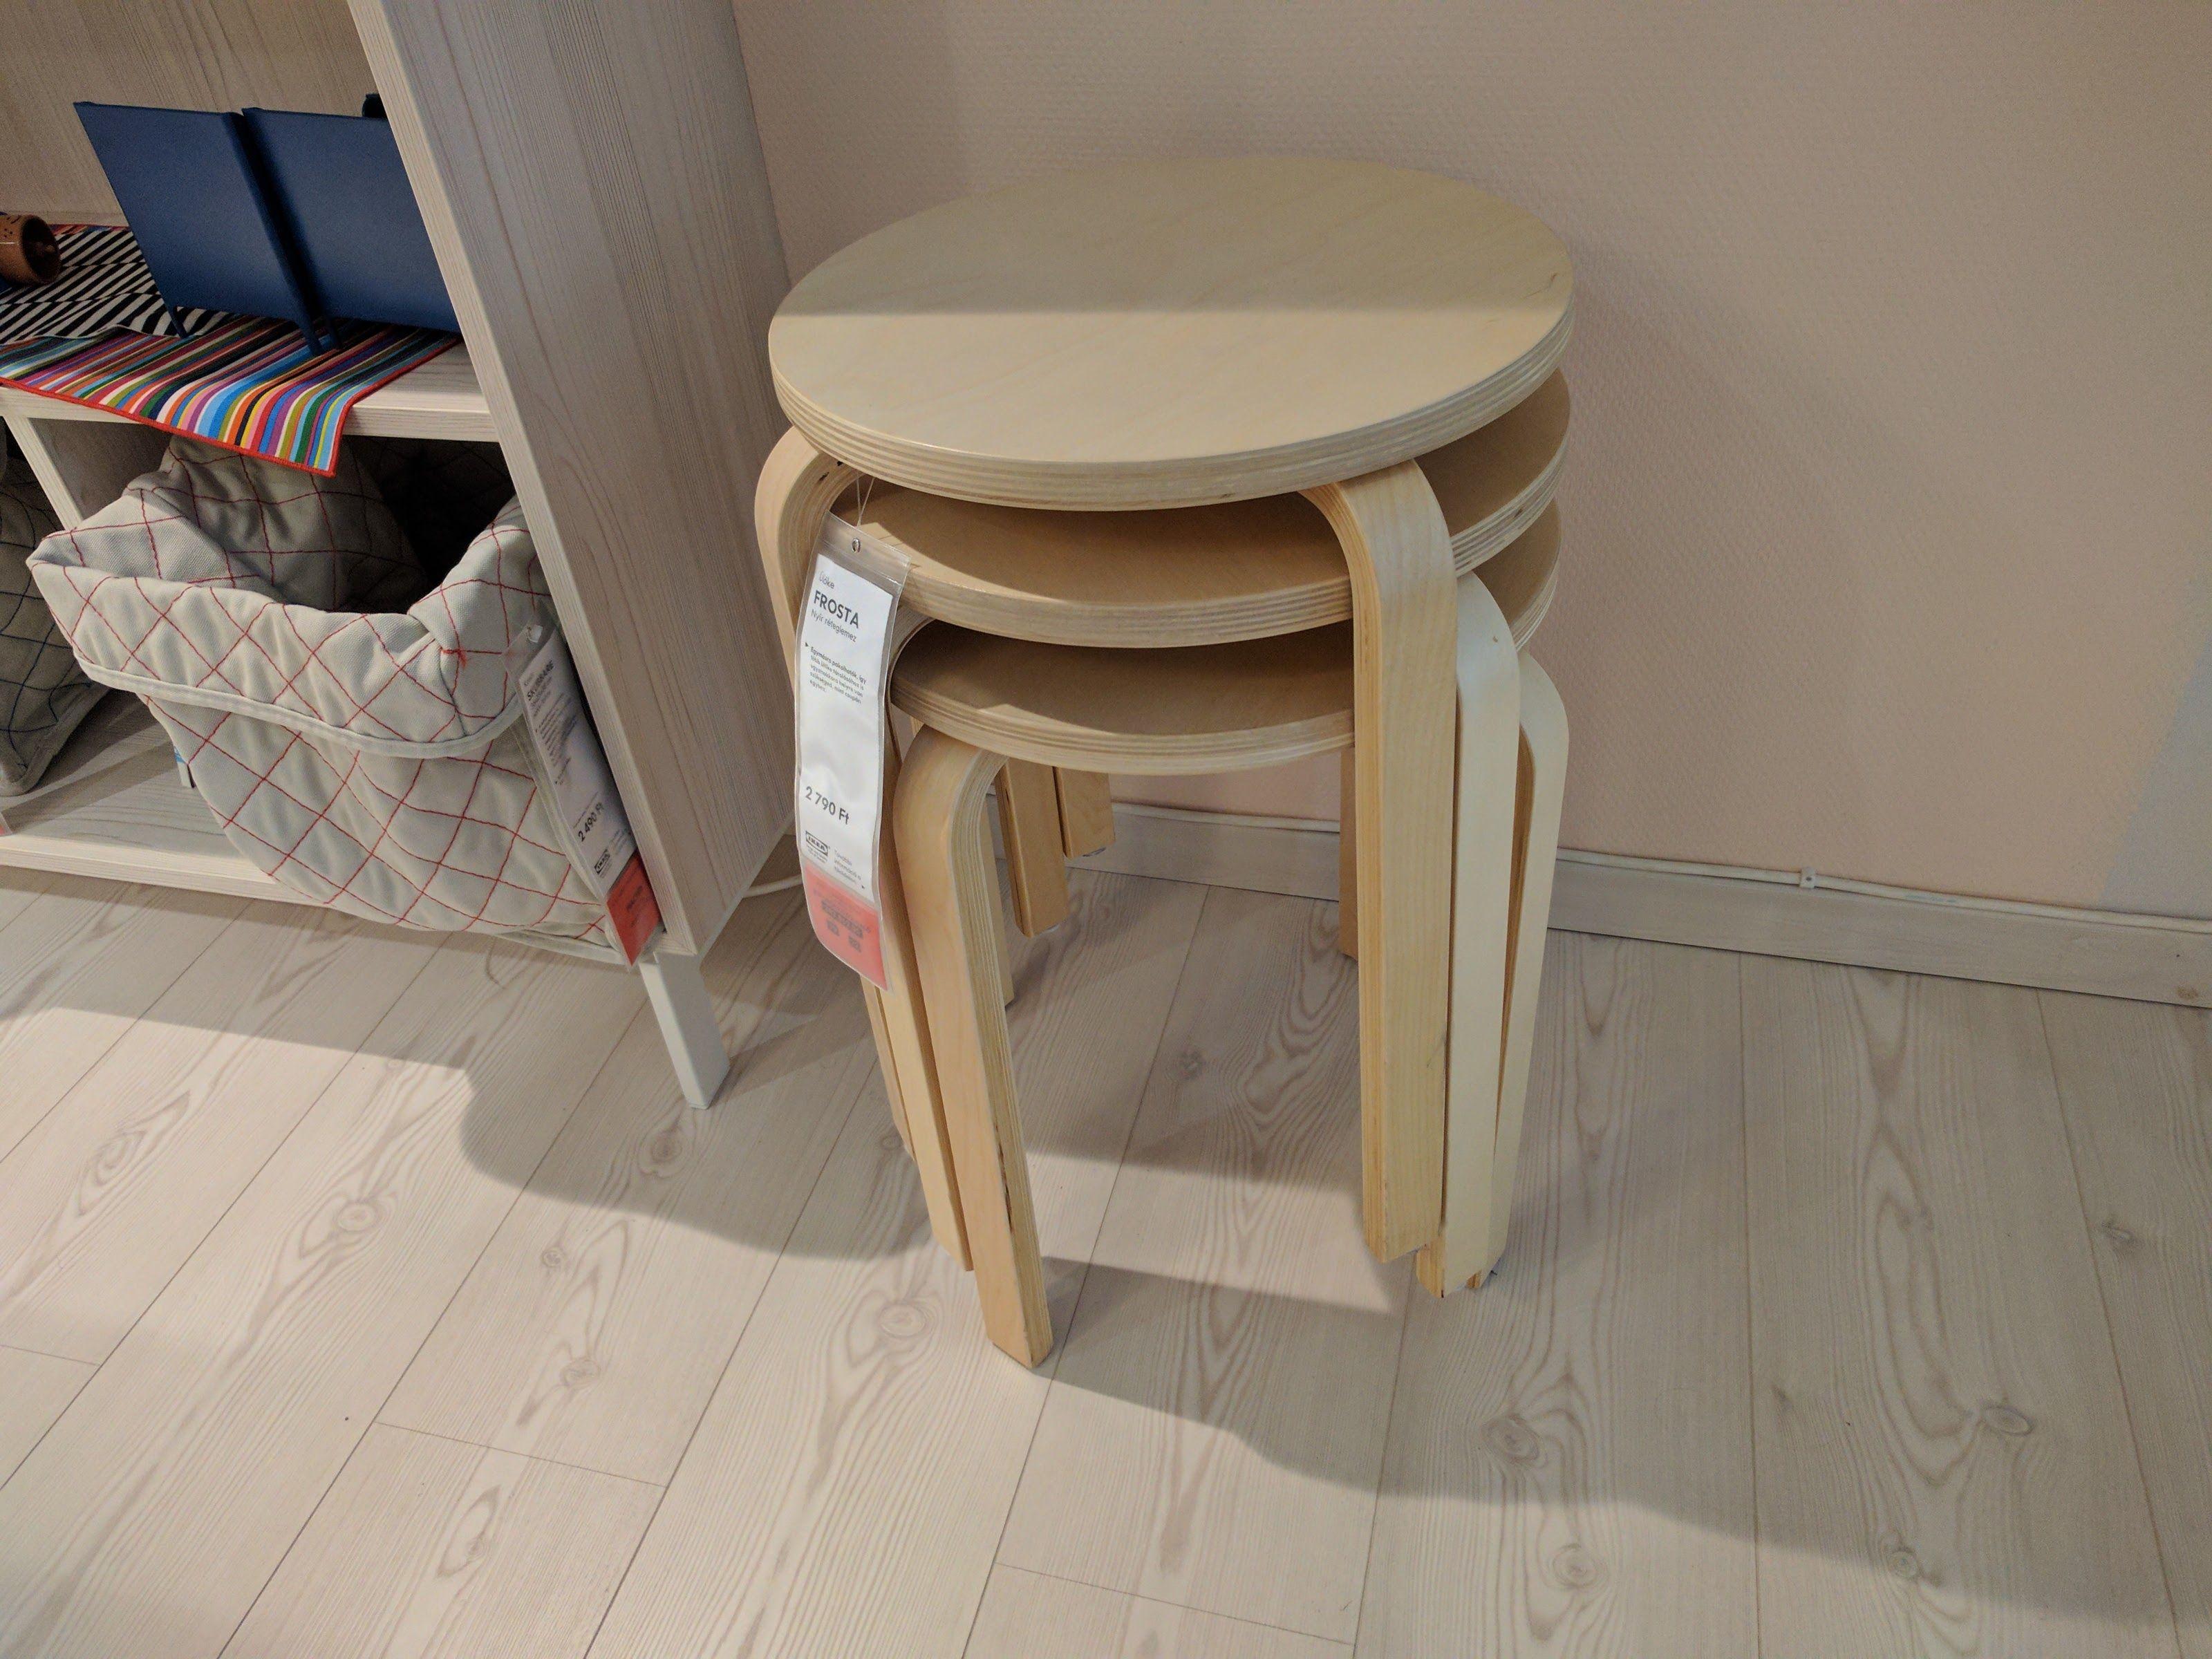 IKEA székek konyhába (With images) Ikea, Szék